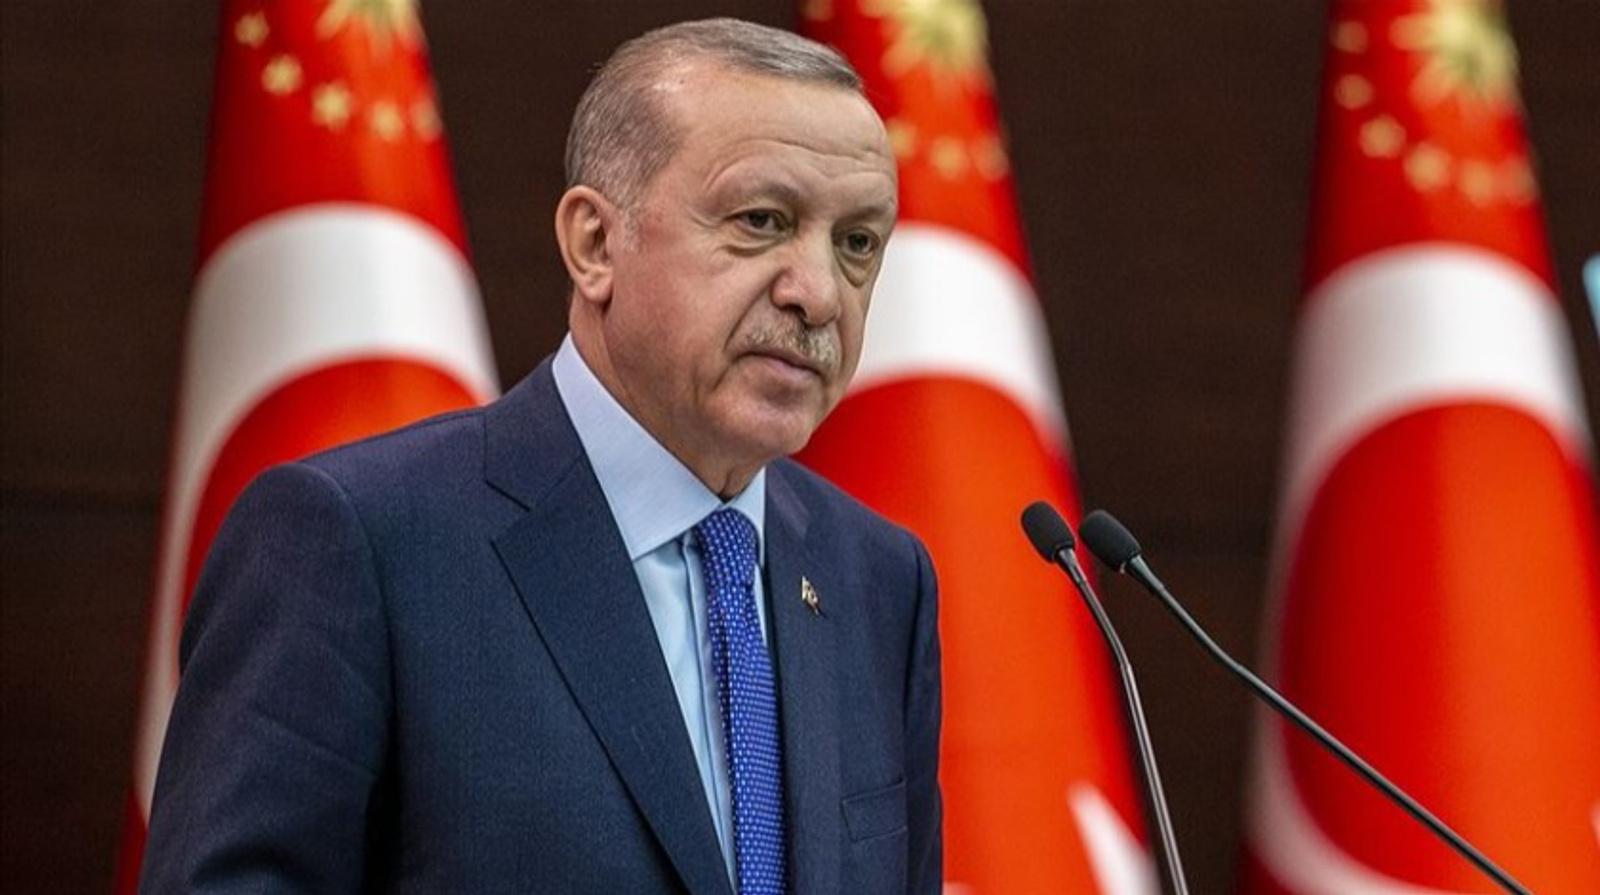 Cumhurbaşkanı Erdoğan'dan sert tepki! 'Haddin değil, ahlaksız!'